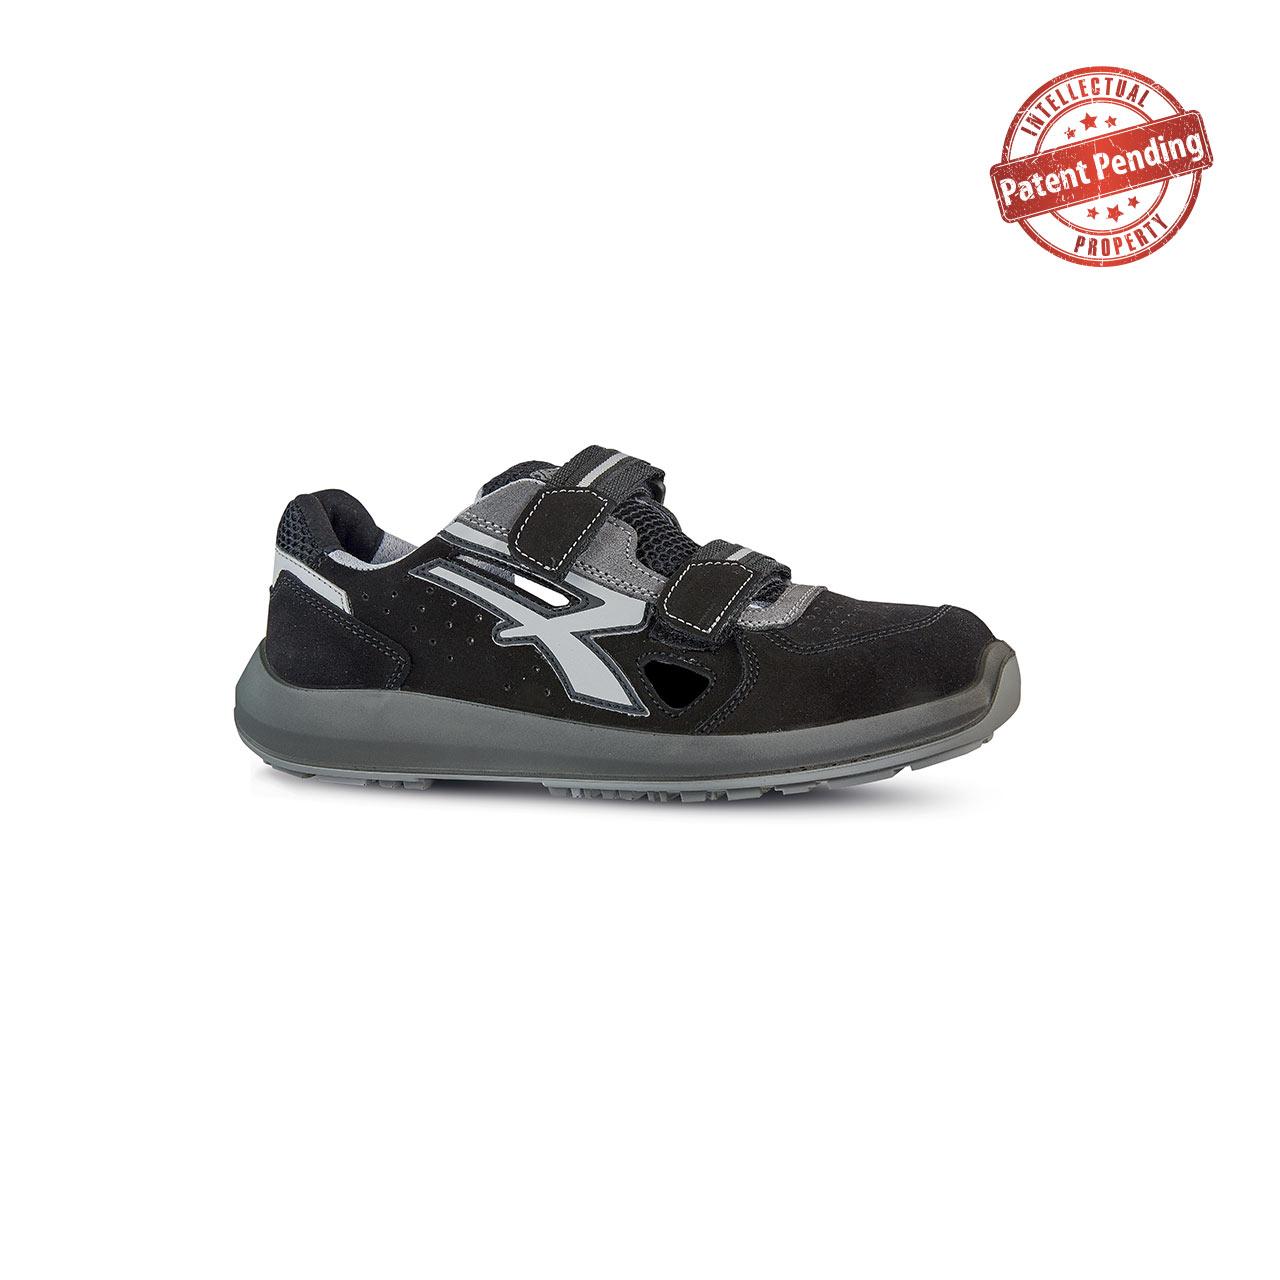 scarpa antinfortunistica upower modello trix linea redup vista laterale